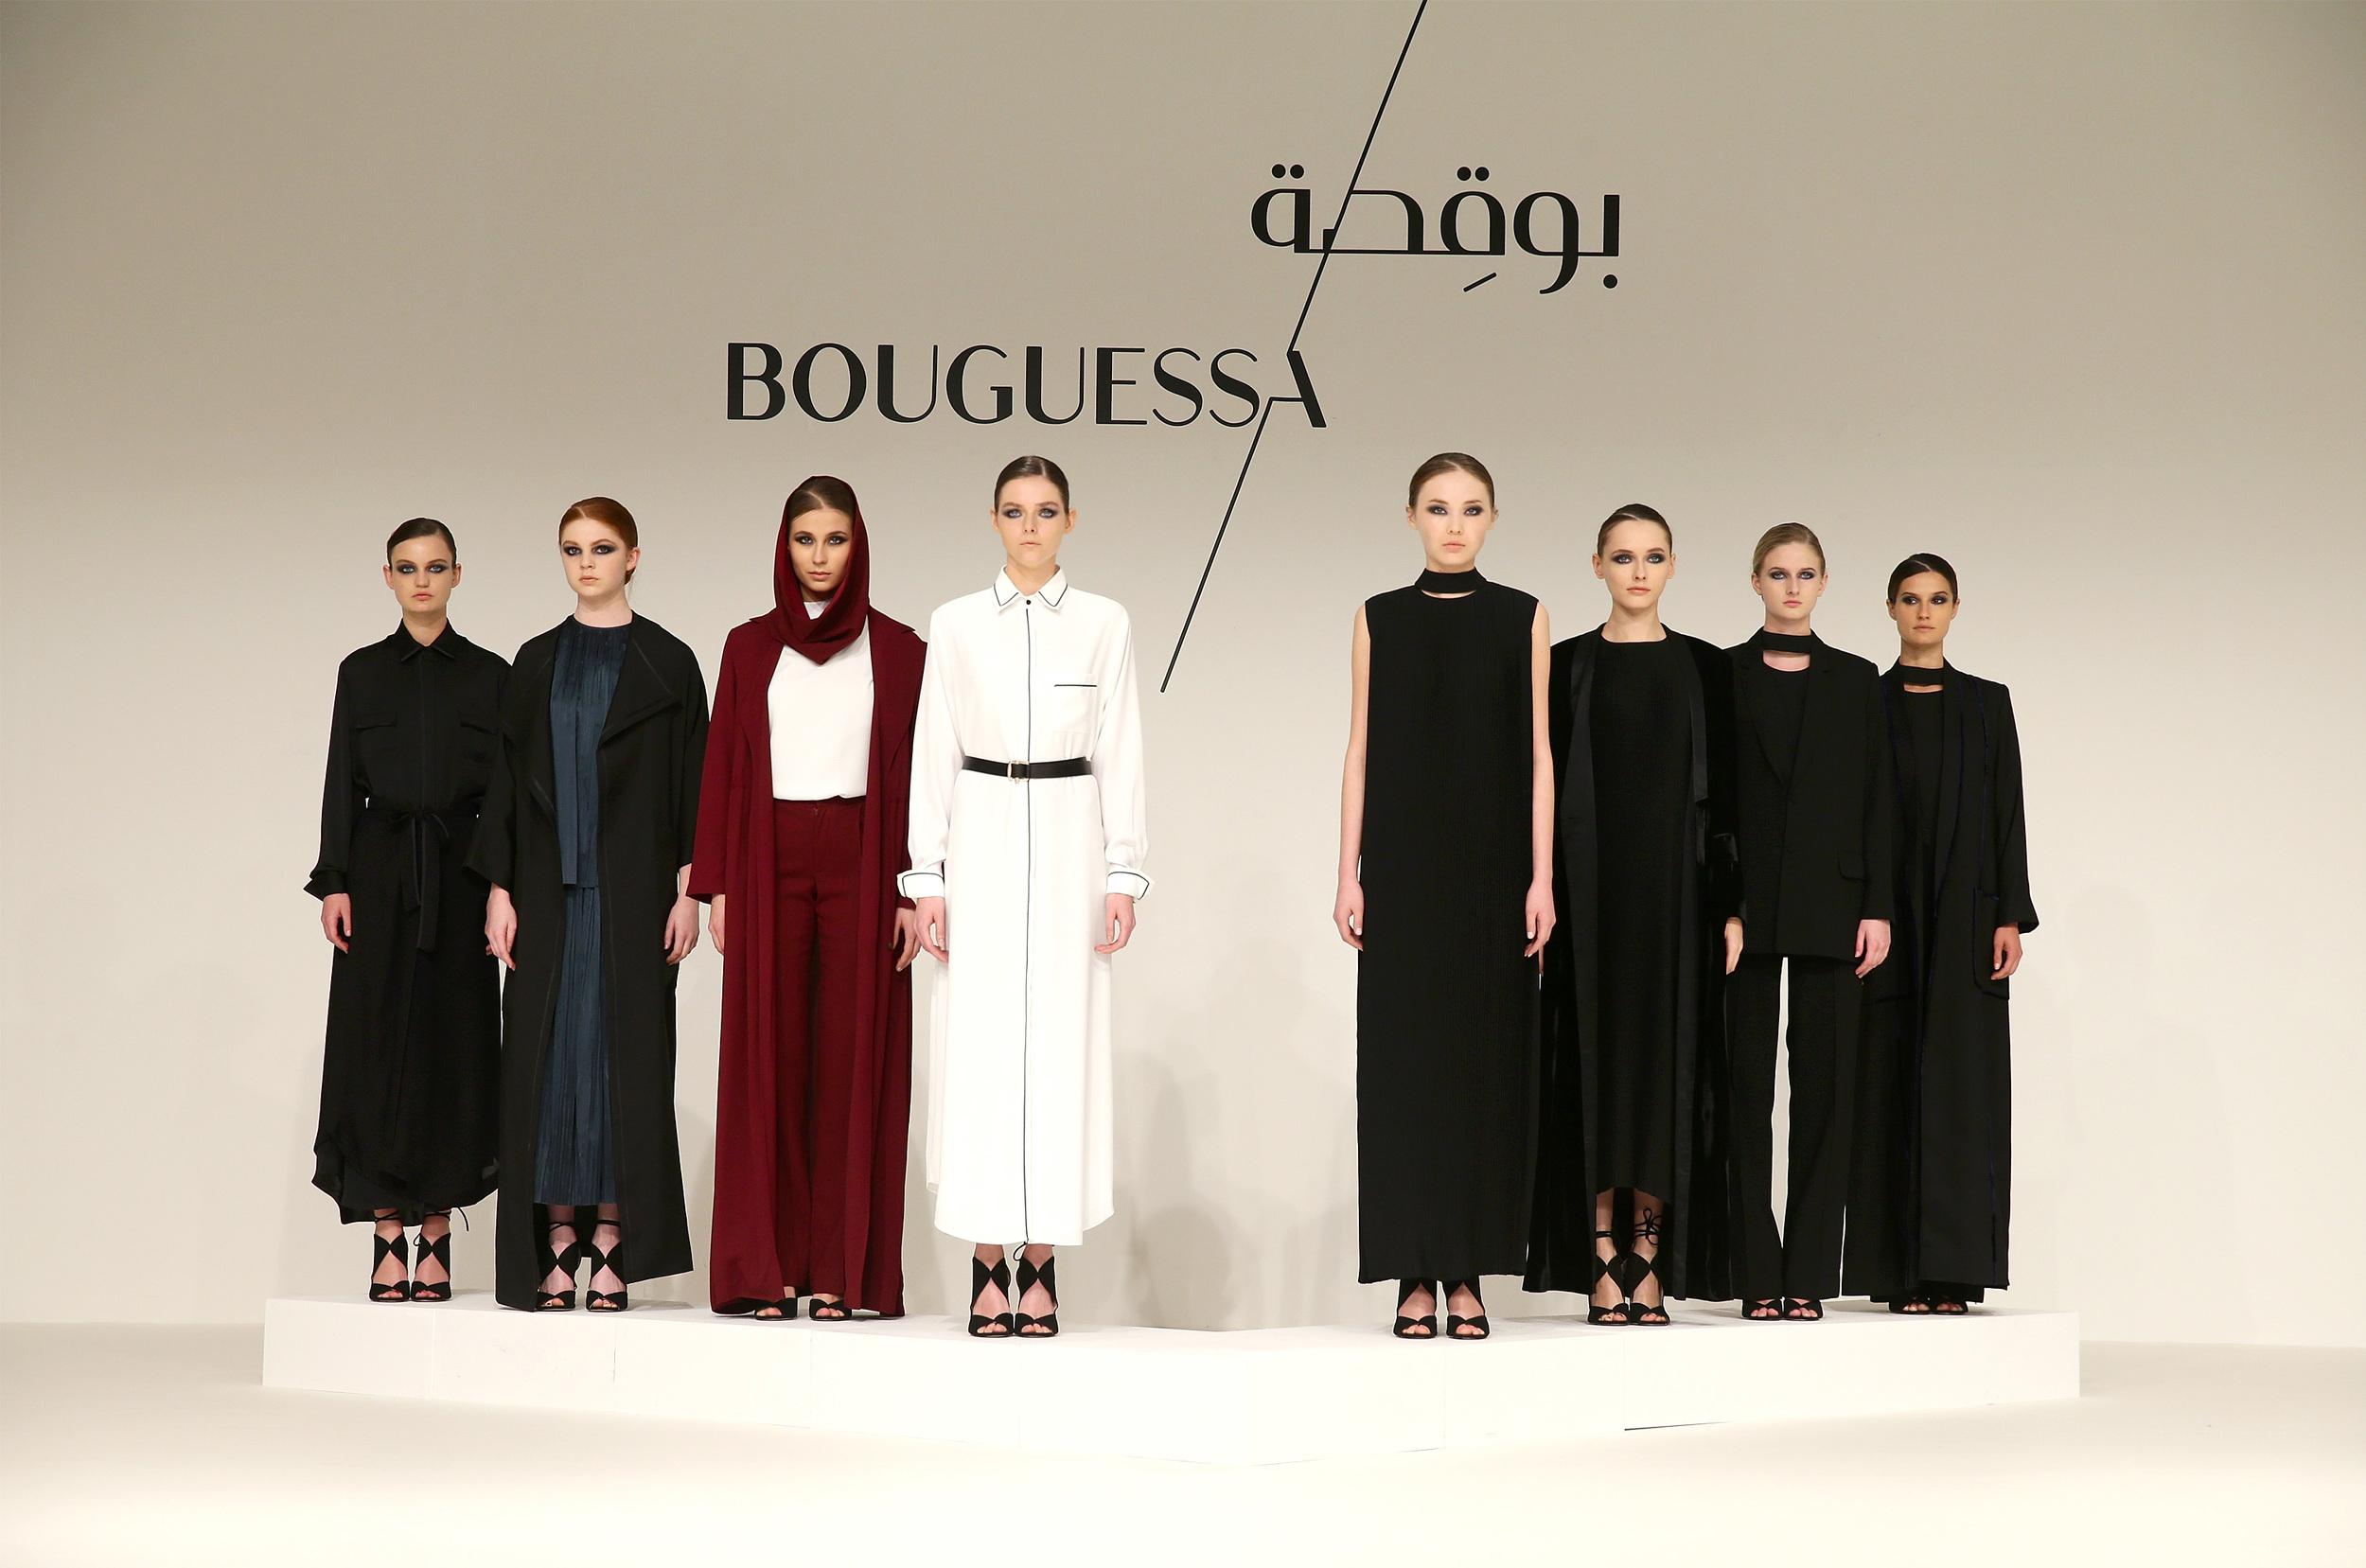 FFWD_Bouguessa Presentation_022.JPG